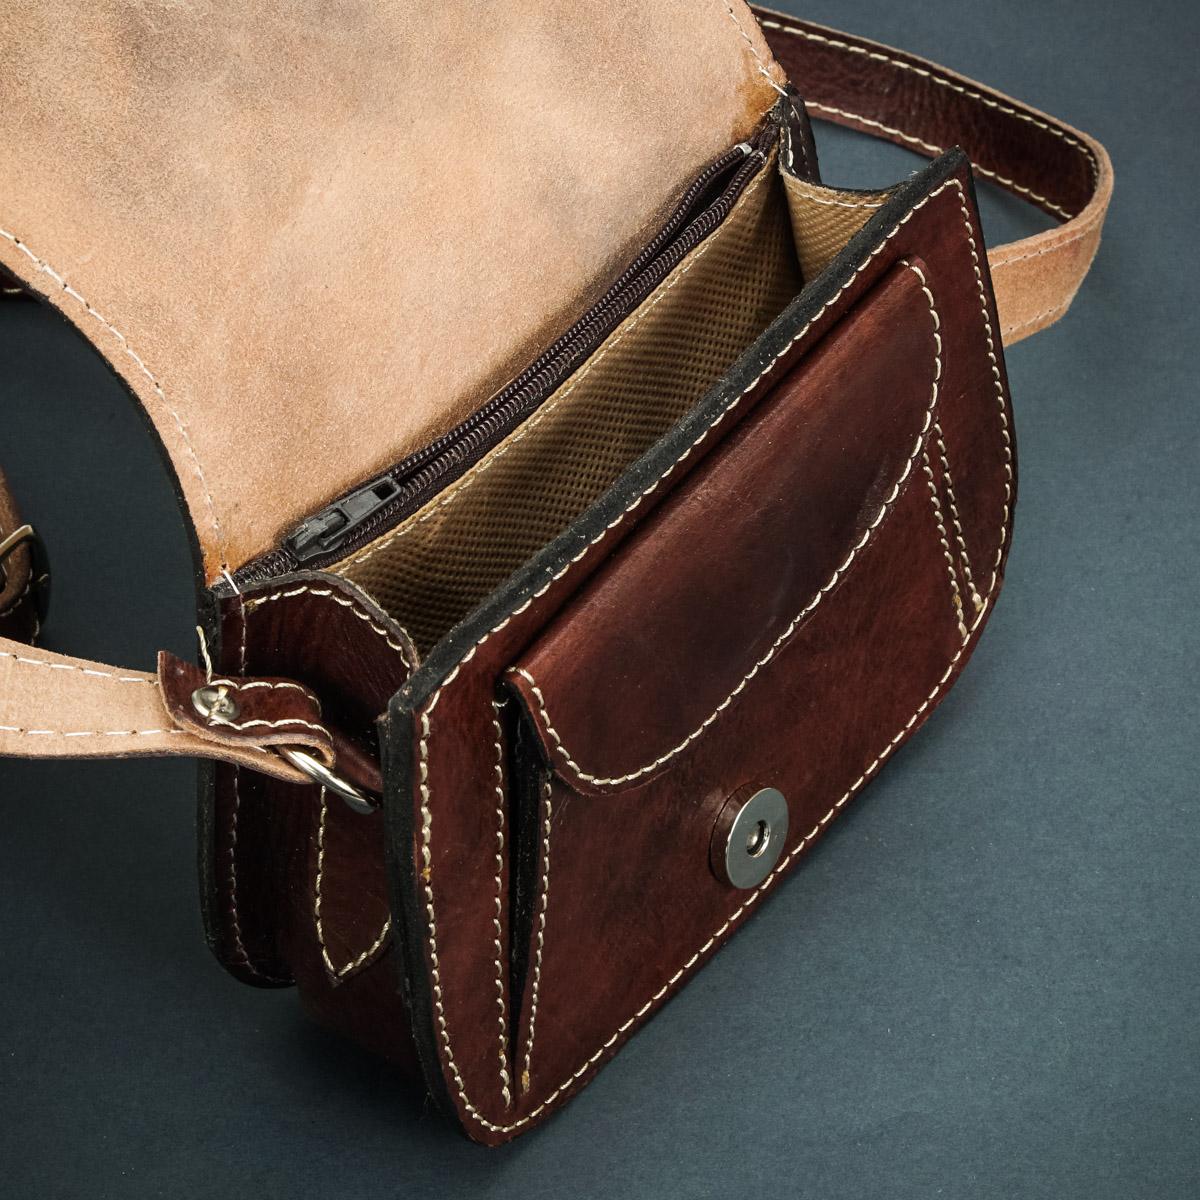 предметная фотография сумки для женщин из натуральной кожи